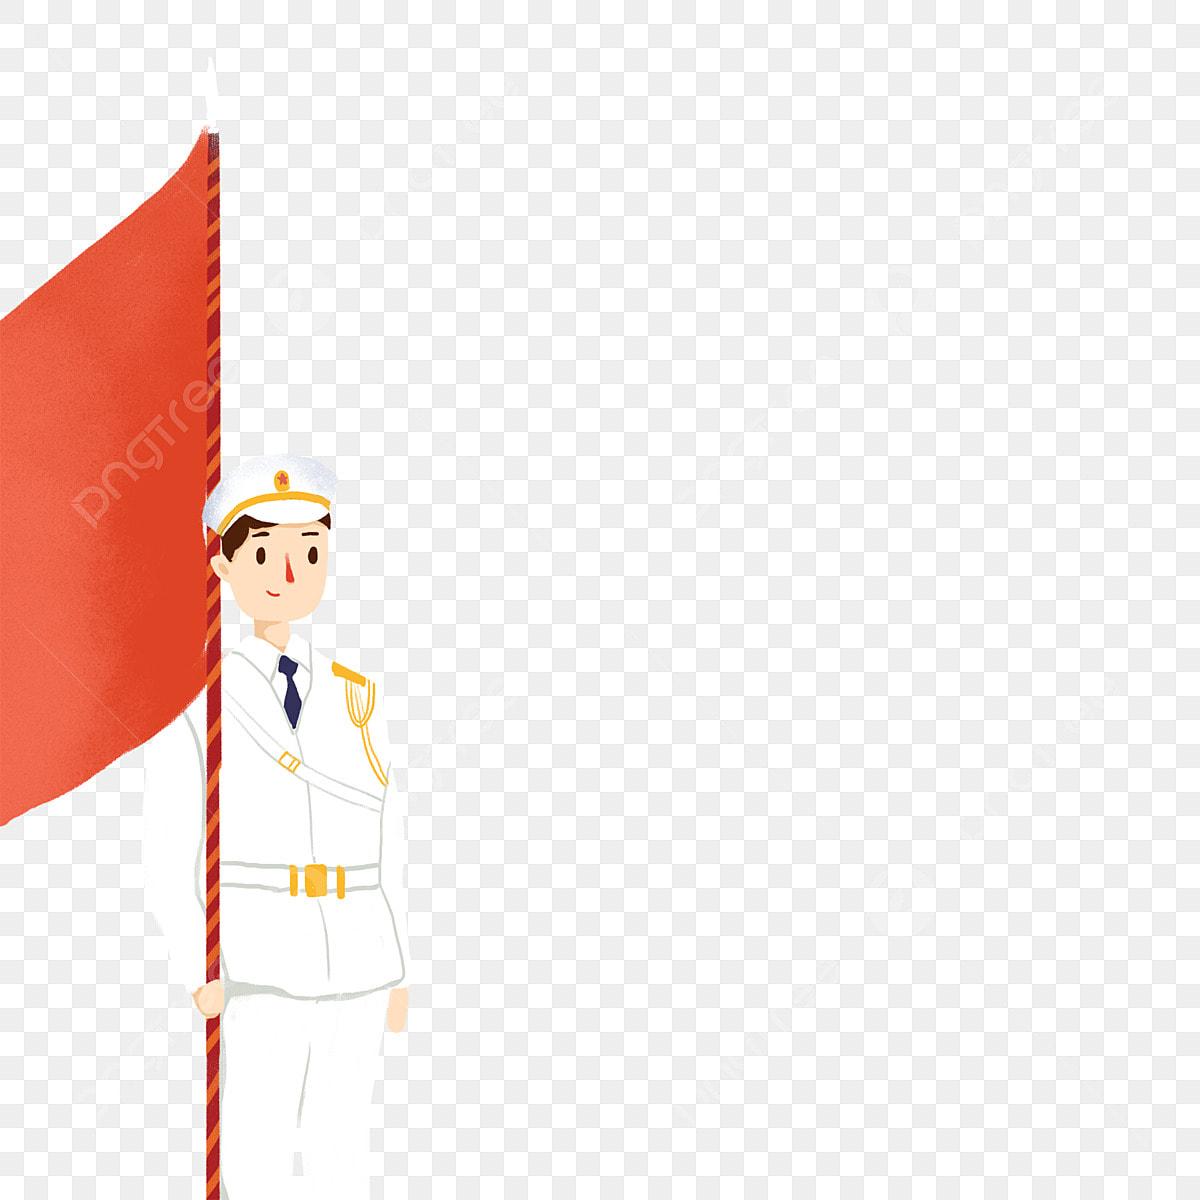 Gambar Paman Pla Bendera Merah Merah Putih Penamat Serius Seragam Tentera Png Dan Psd Untuk Muat Turun Percuma